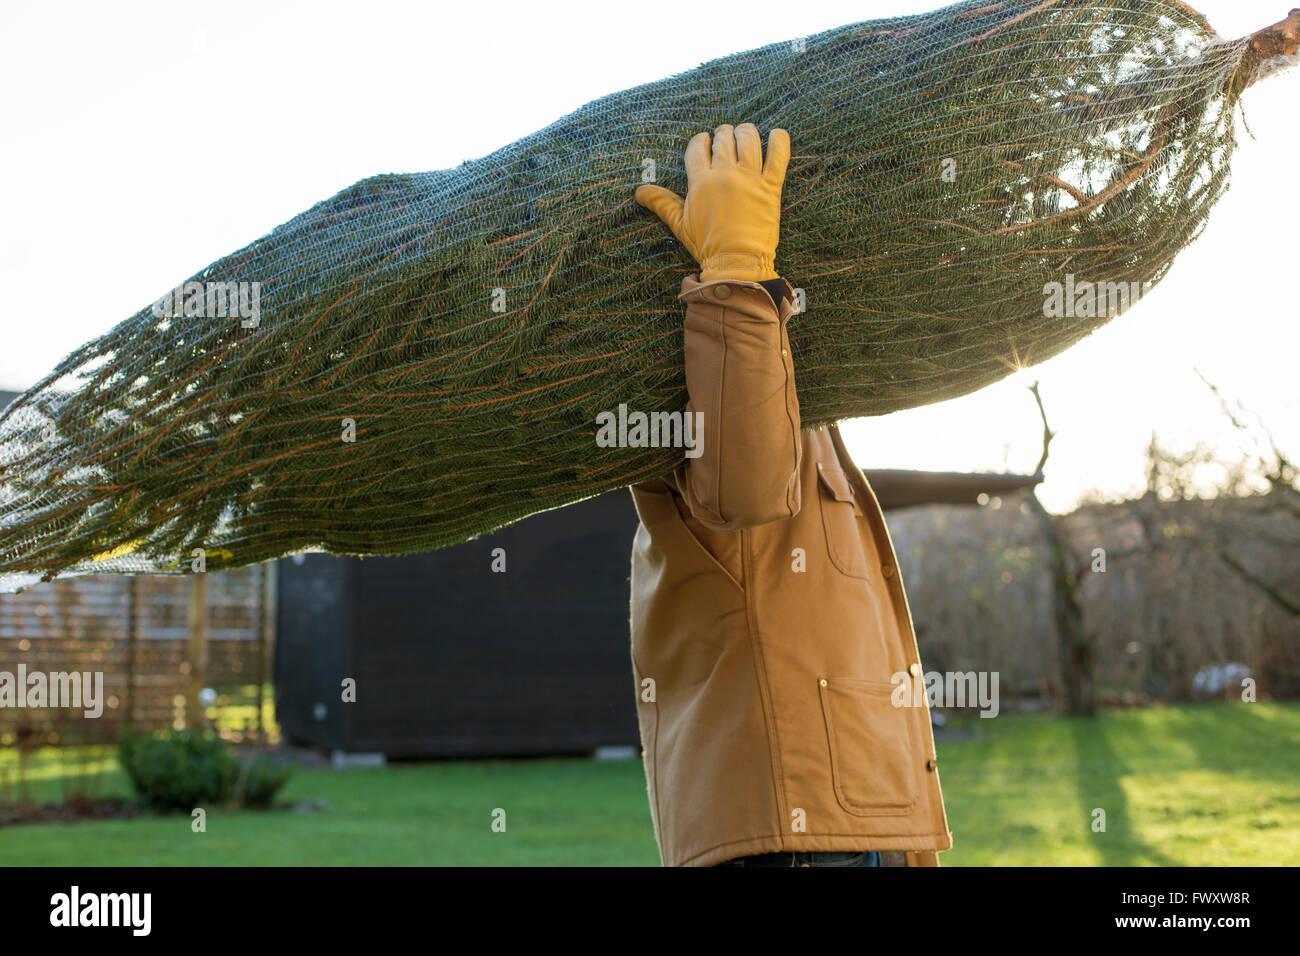 Suecia, Vastergotland, vista lateral del hombre con árbol de navidad Imagen De Stock